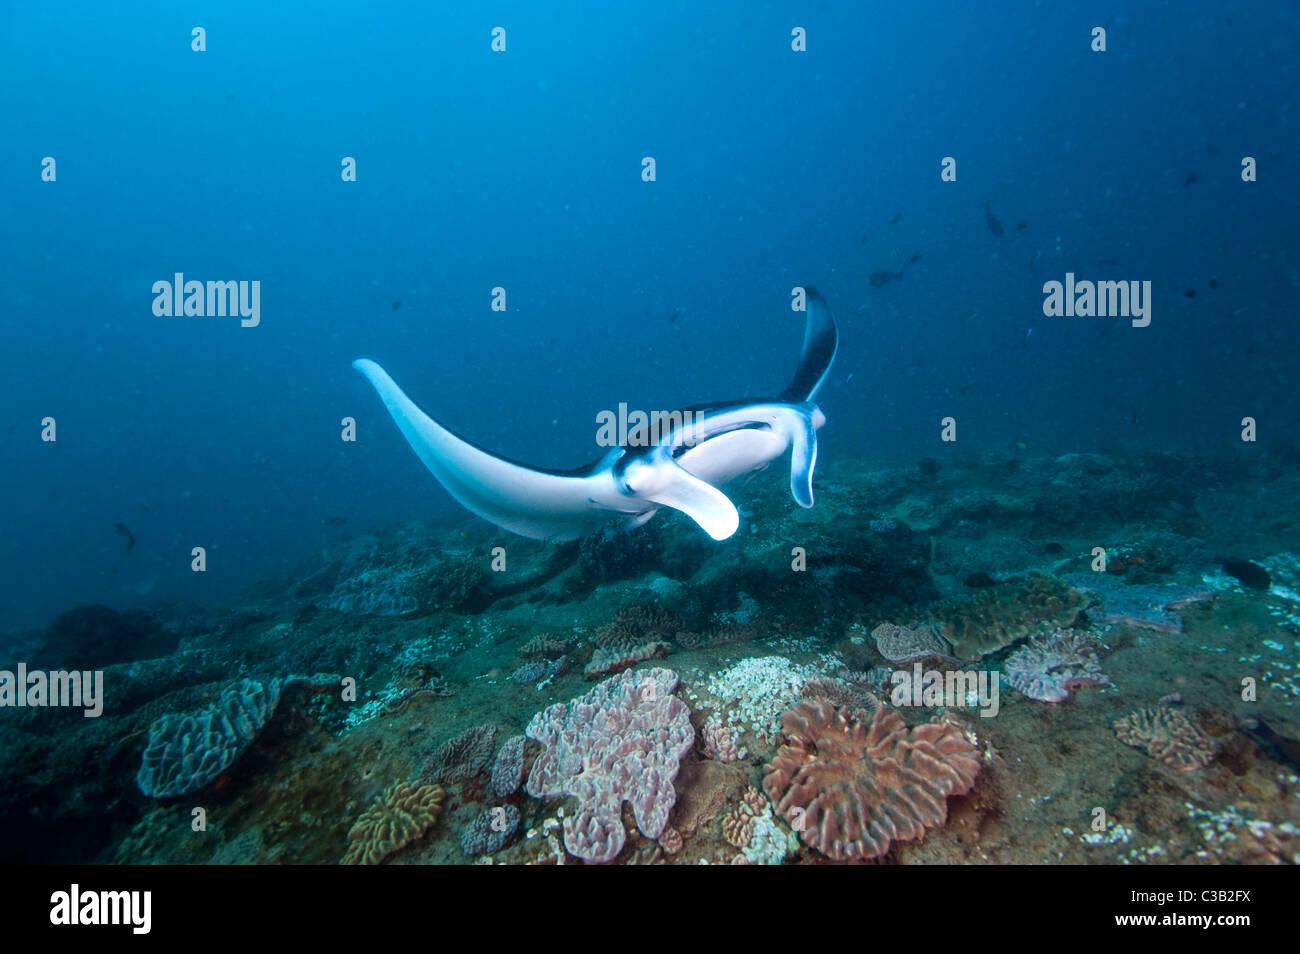 Manta ray, Manta birostris, Sodwana Bay, South Africa, Indian Ocean Stock Photo